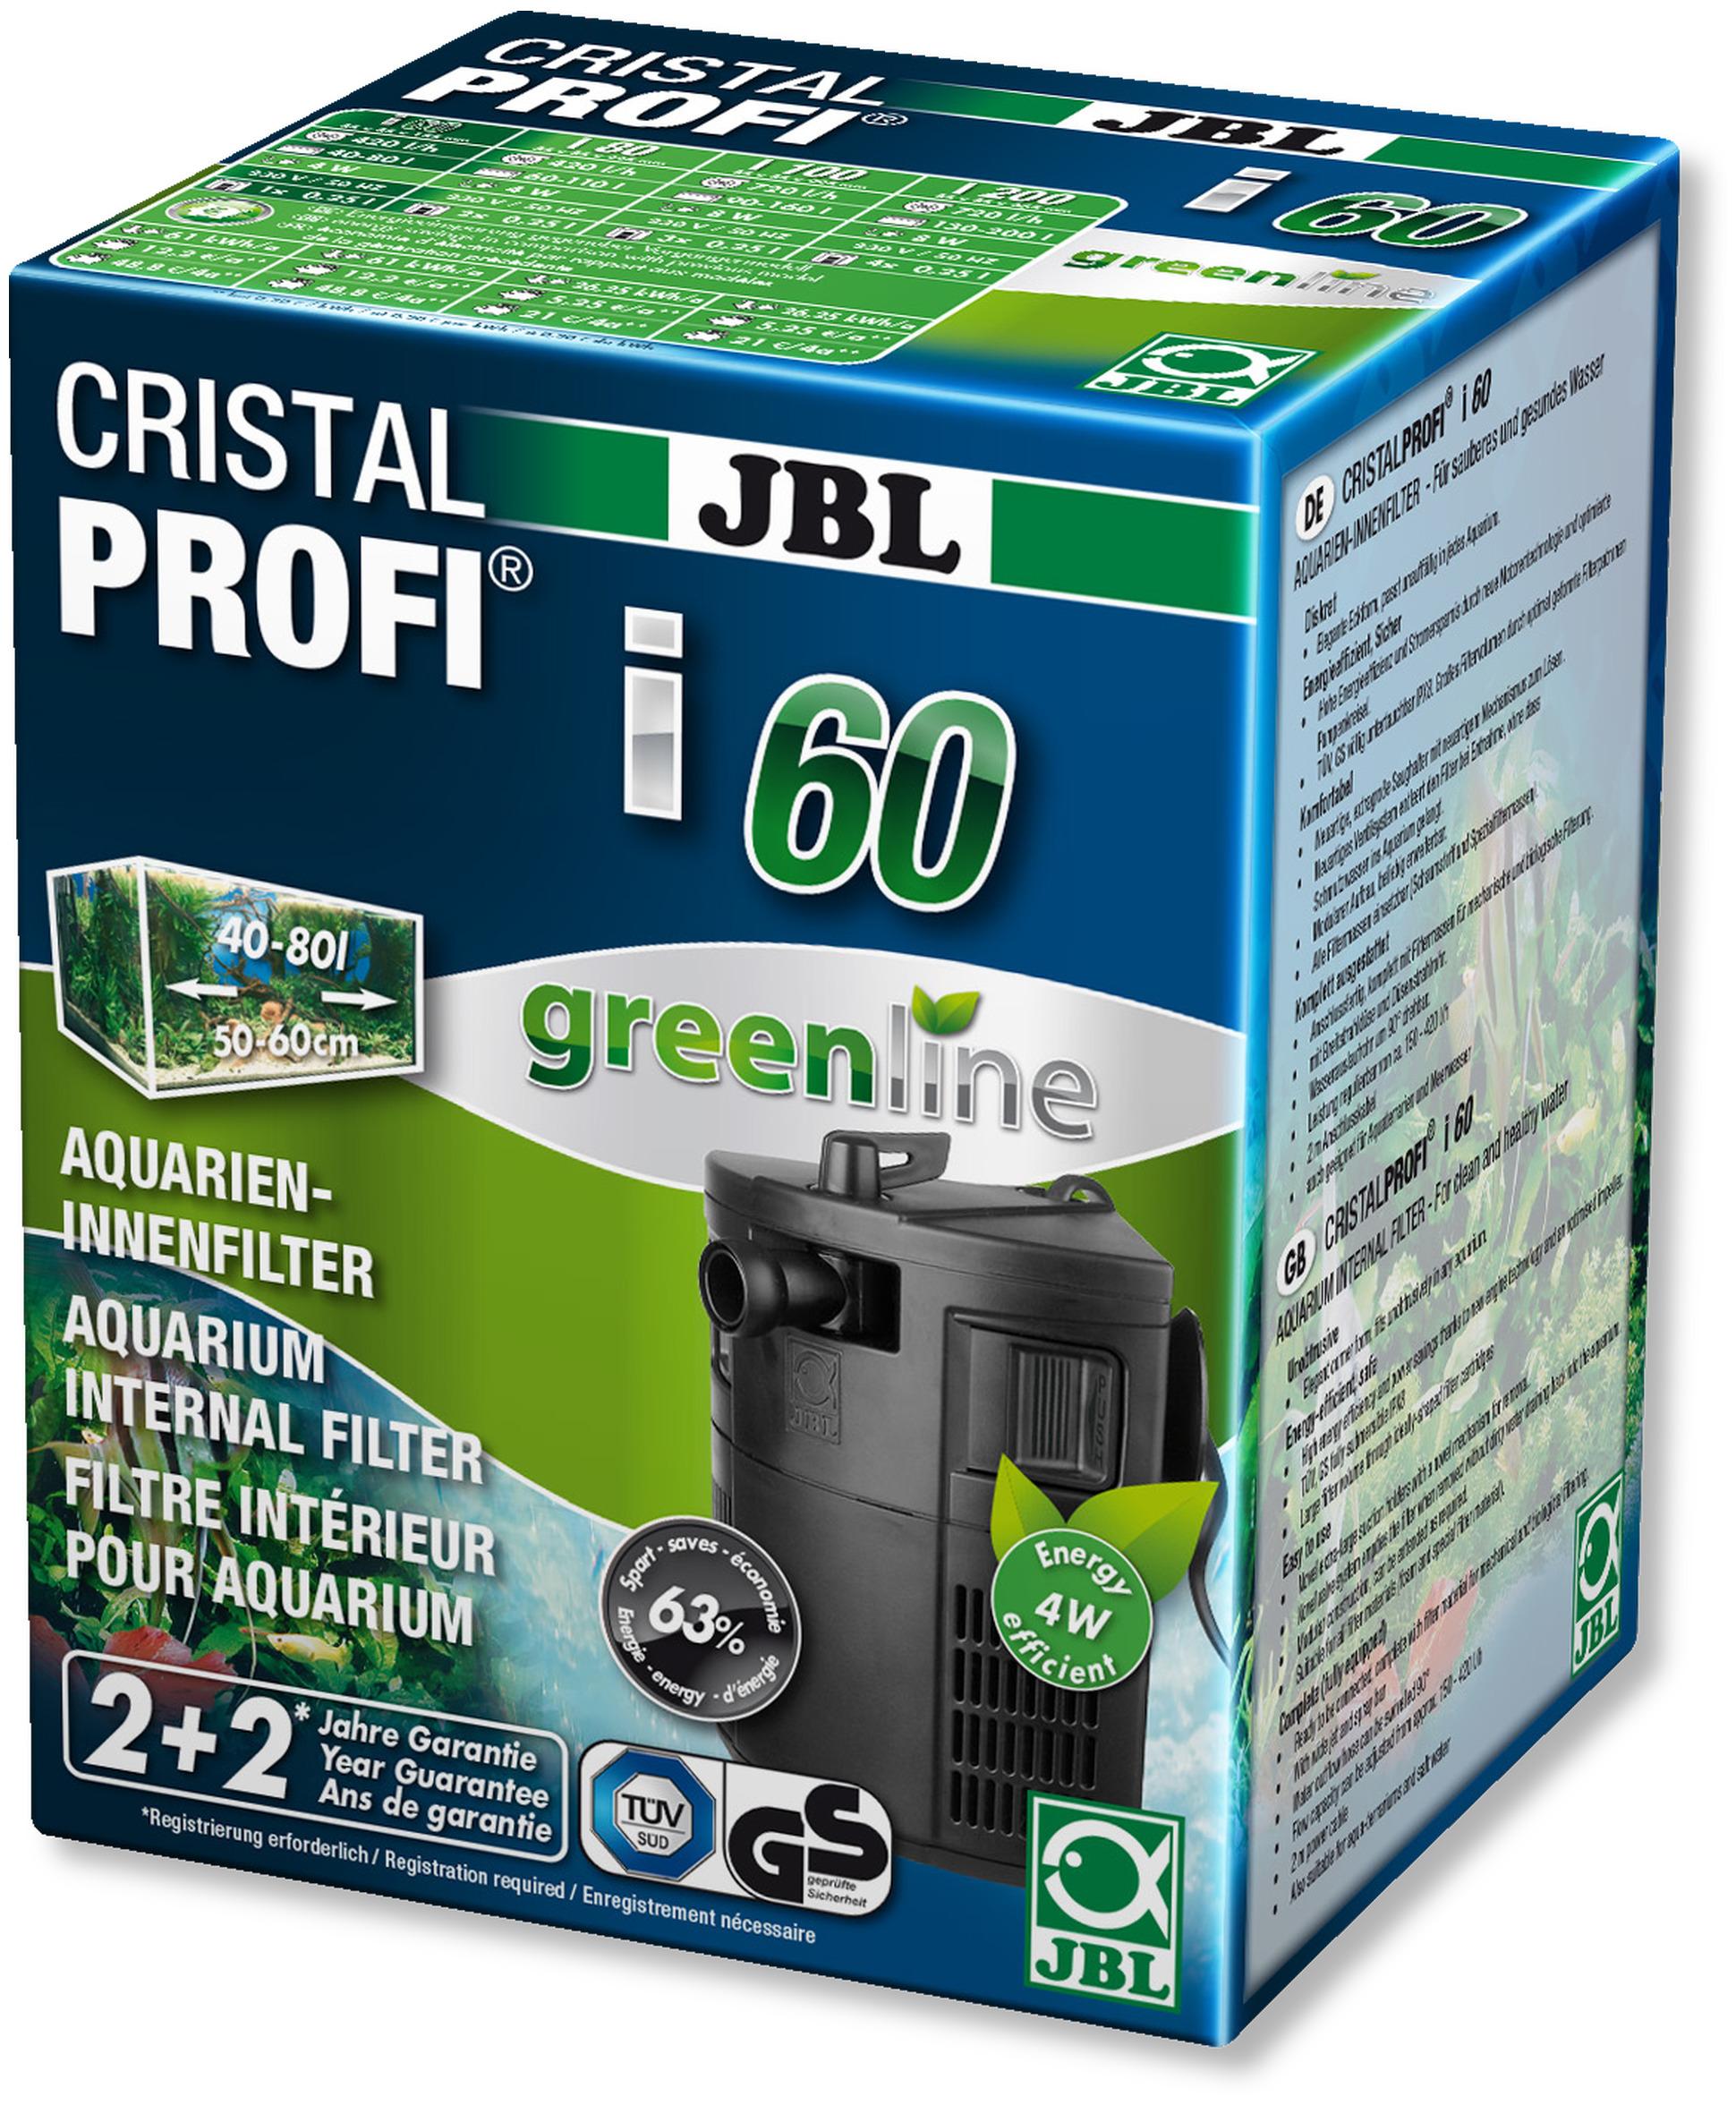 Filtre interne JBL CristalProfi i60 Greenline pour aquarium de 40 à 80L